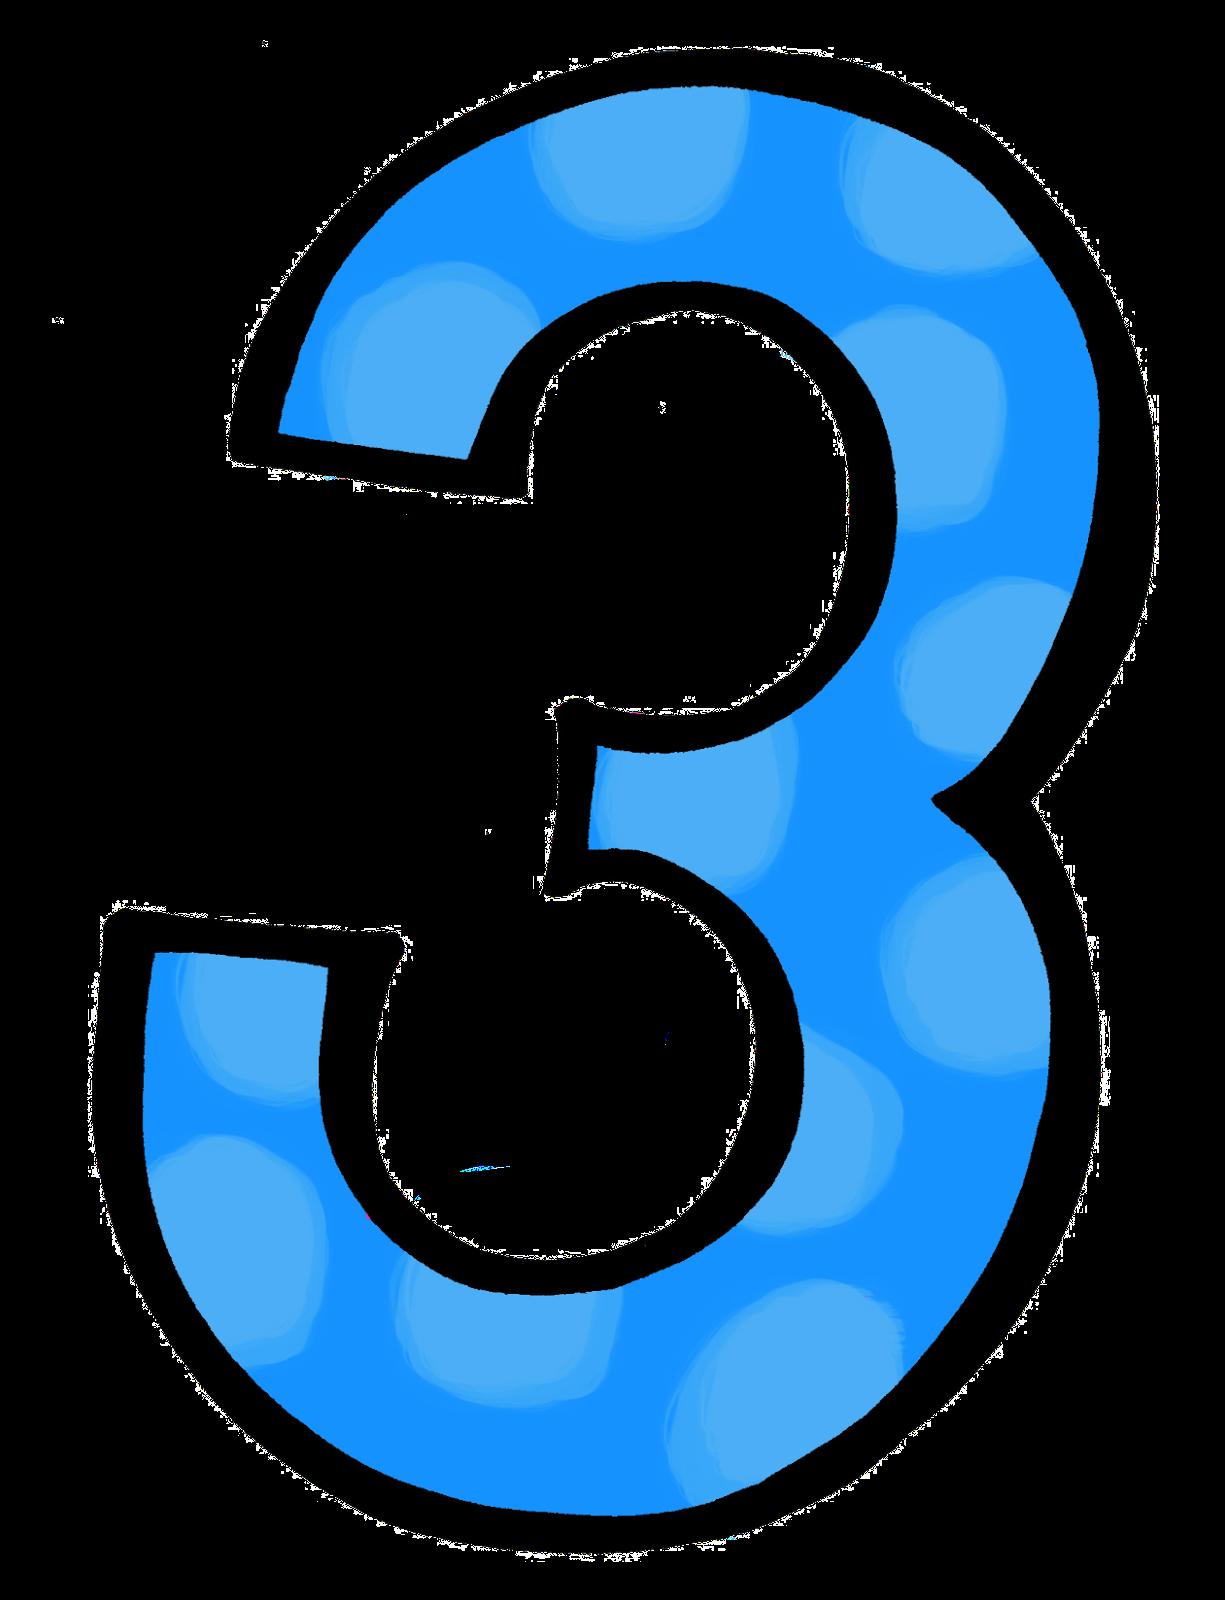 Number 3 clipart polka dot, Number 3 polka dot Transparent ...